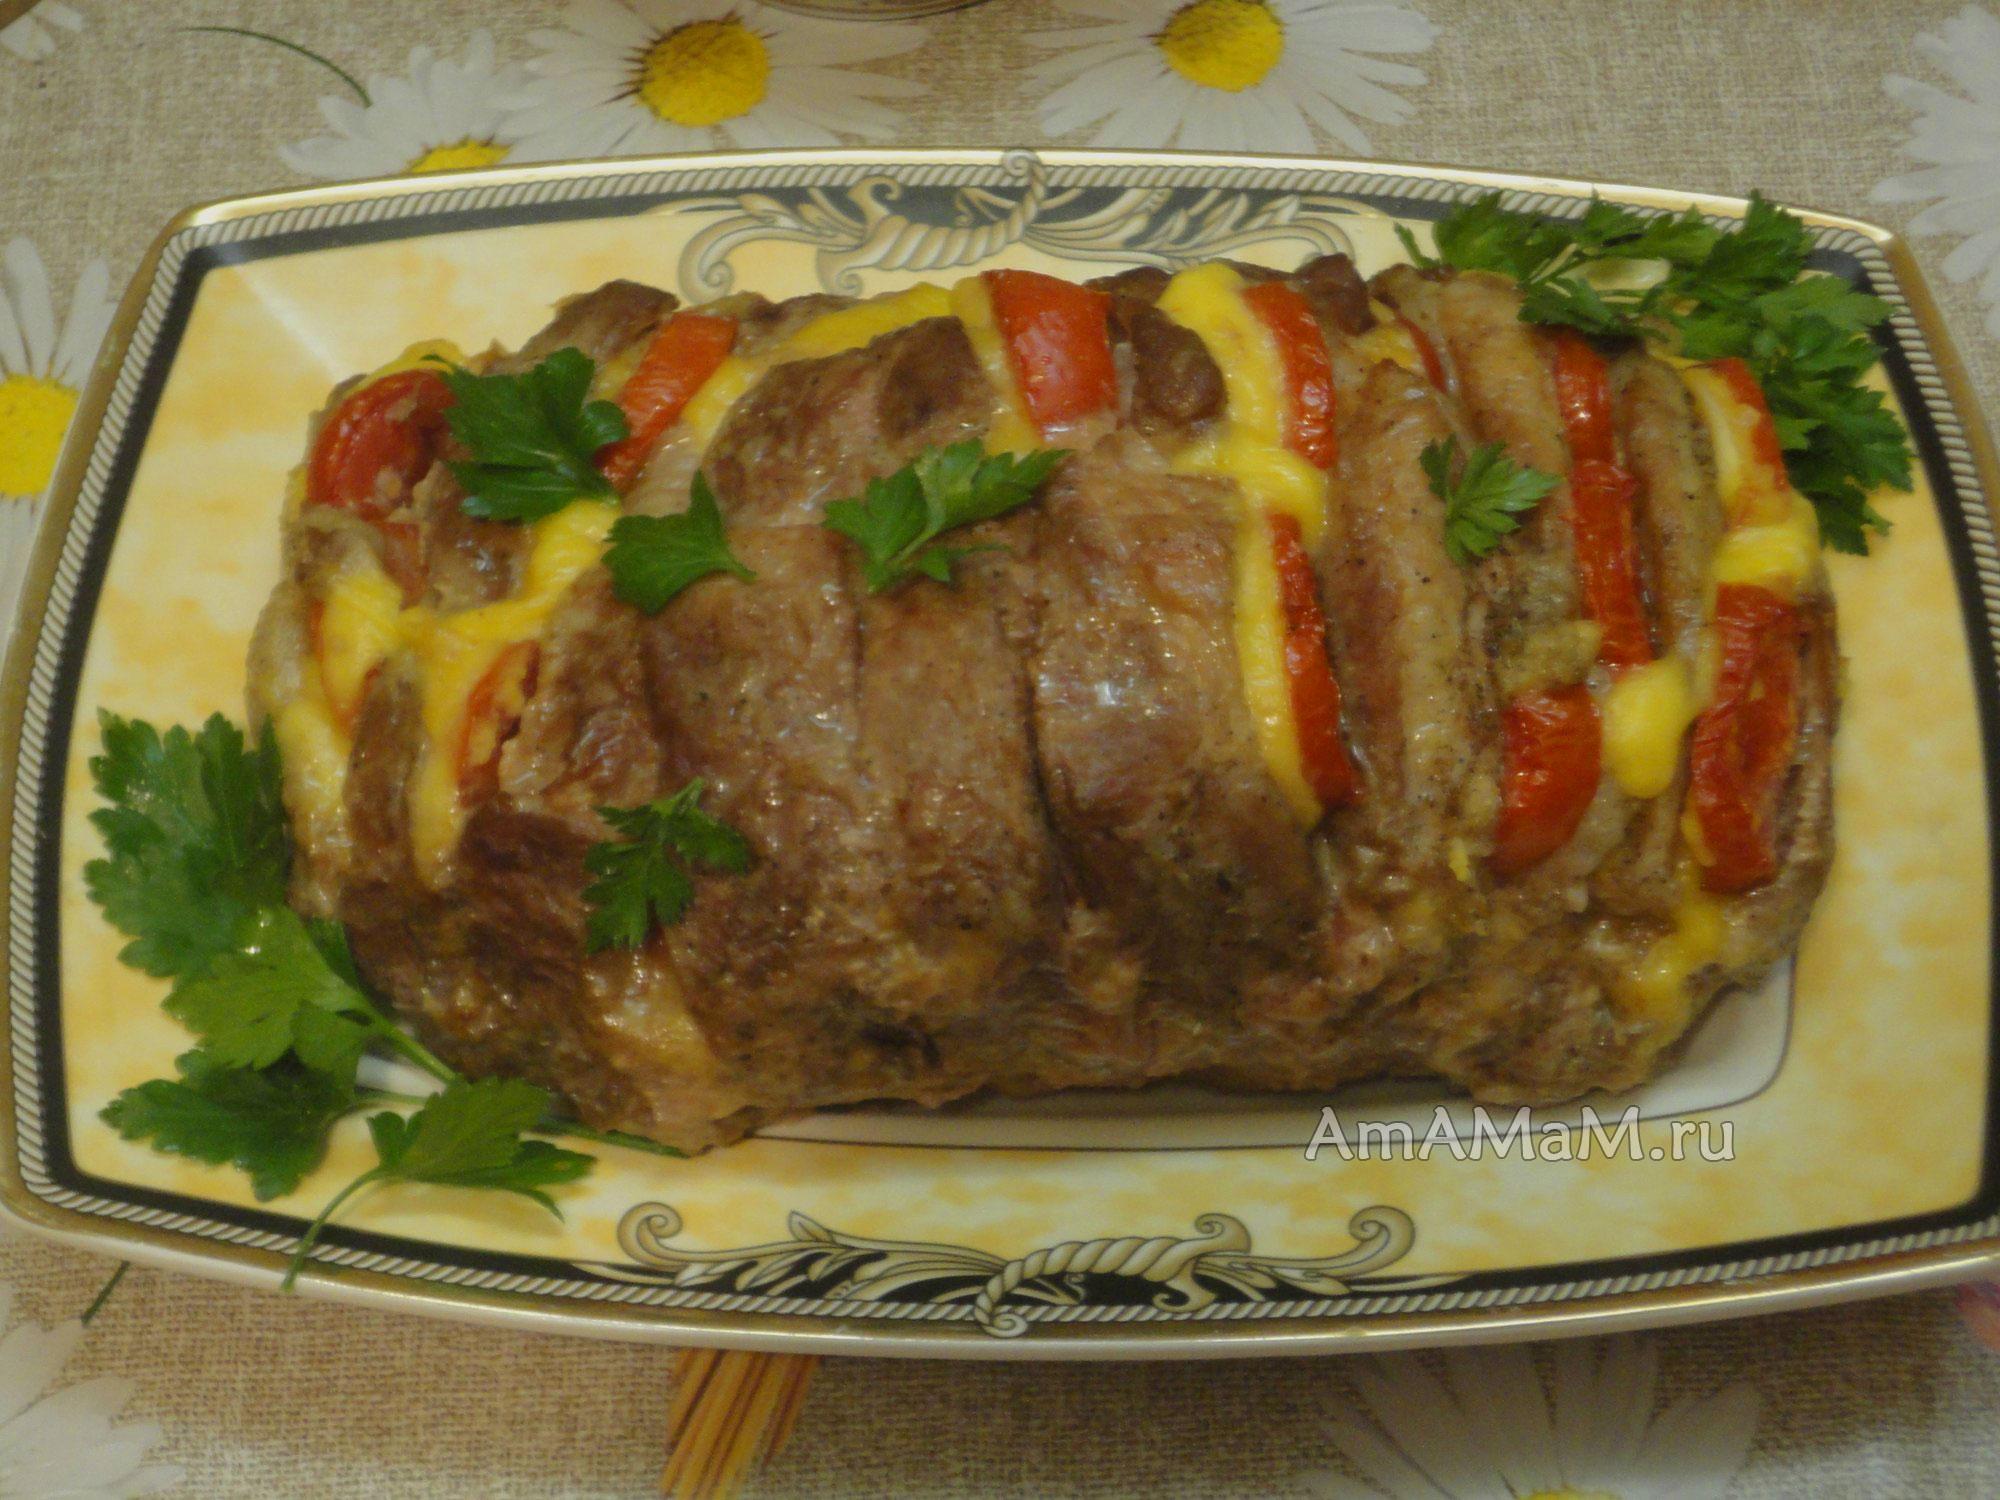 Рецепт приготовления итальянской меренги в граммах